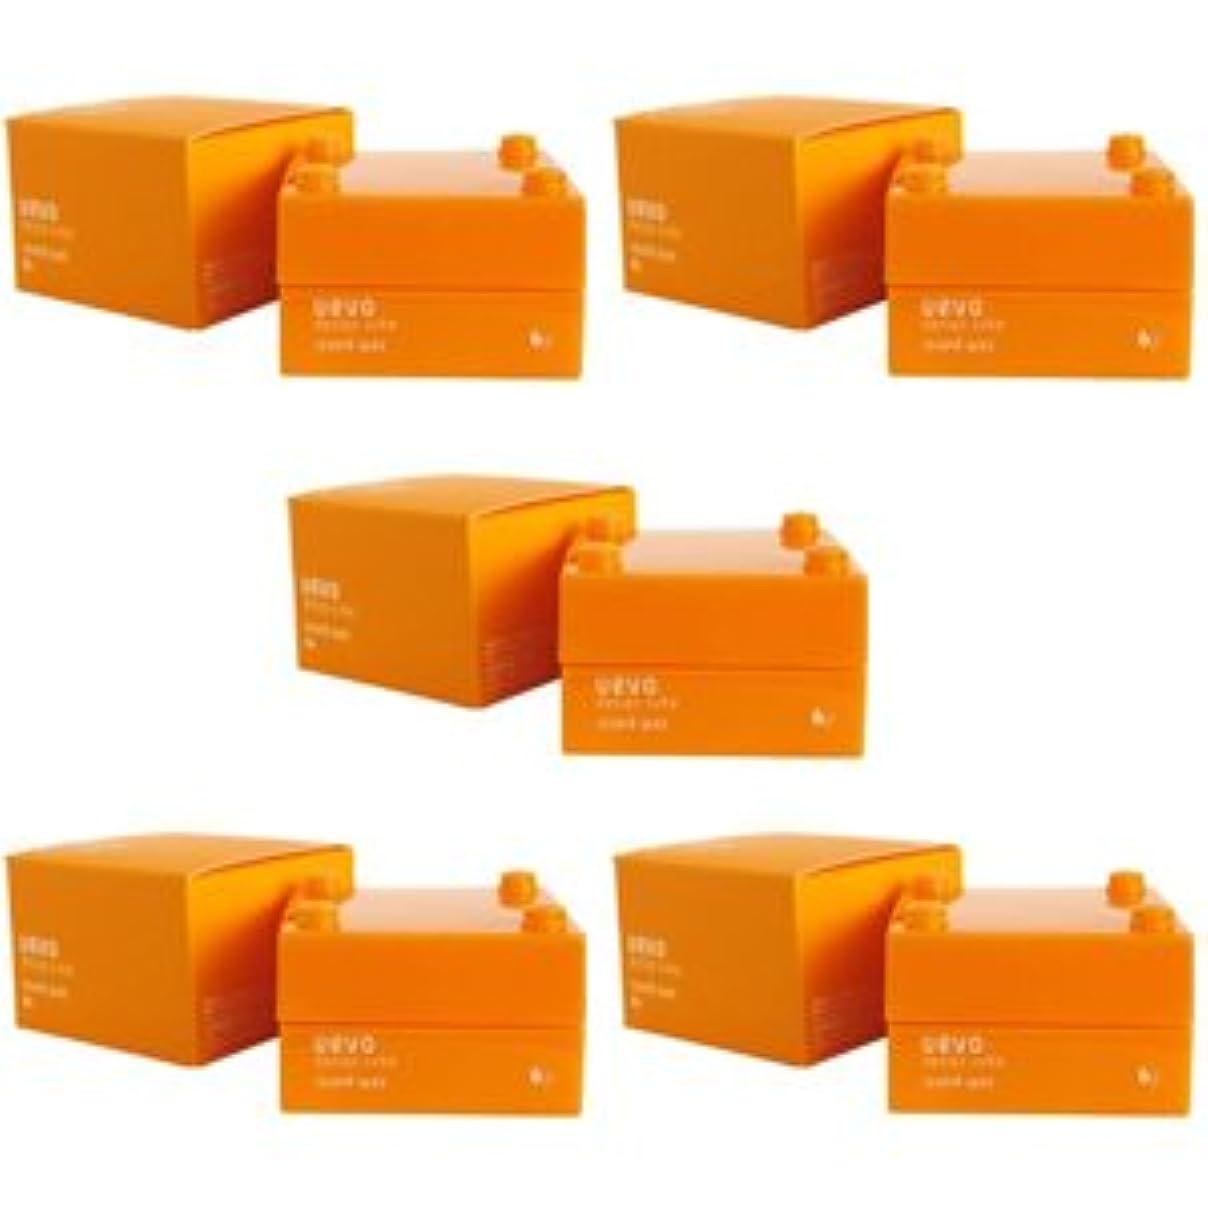 メガロポリスマイクロフォン説得力のある【X5個セット】 デミ ウェーボ デザインキューブ ラウンドワックス 30g round wax DEMI uevo design cube